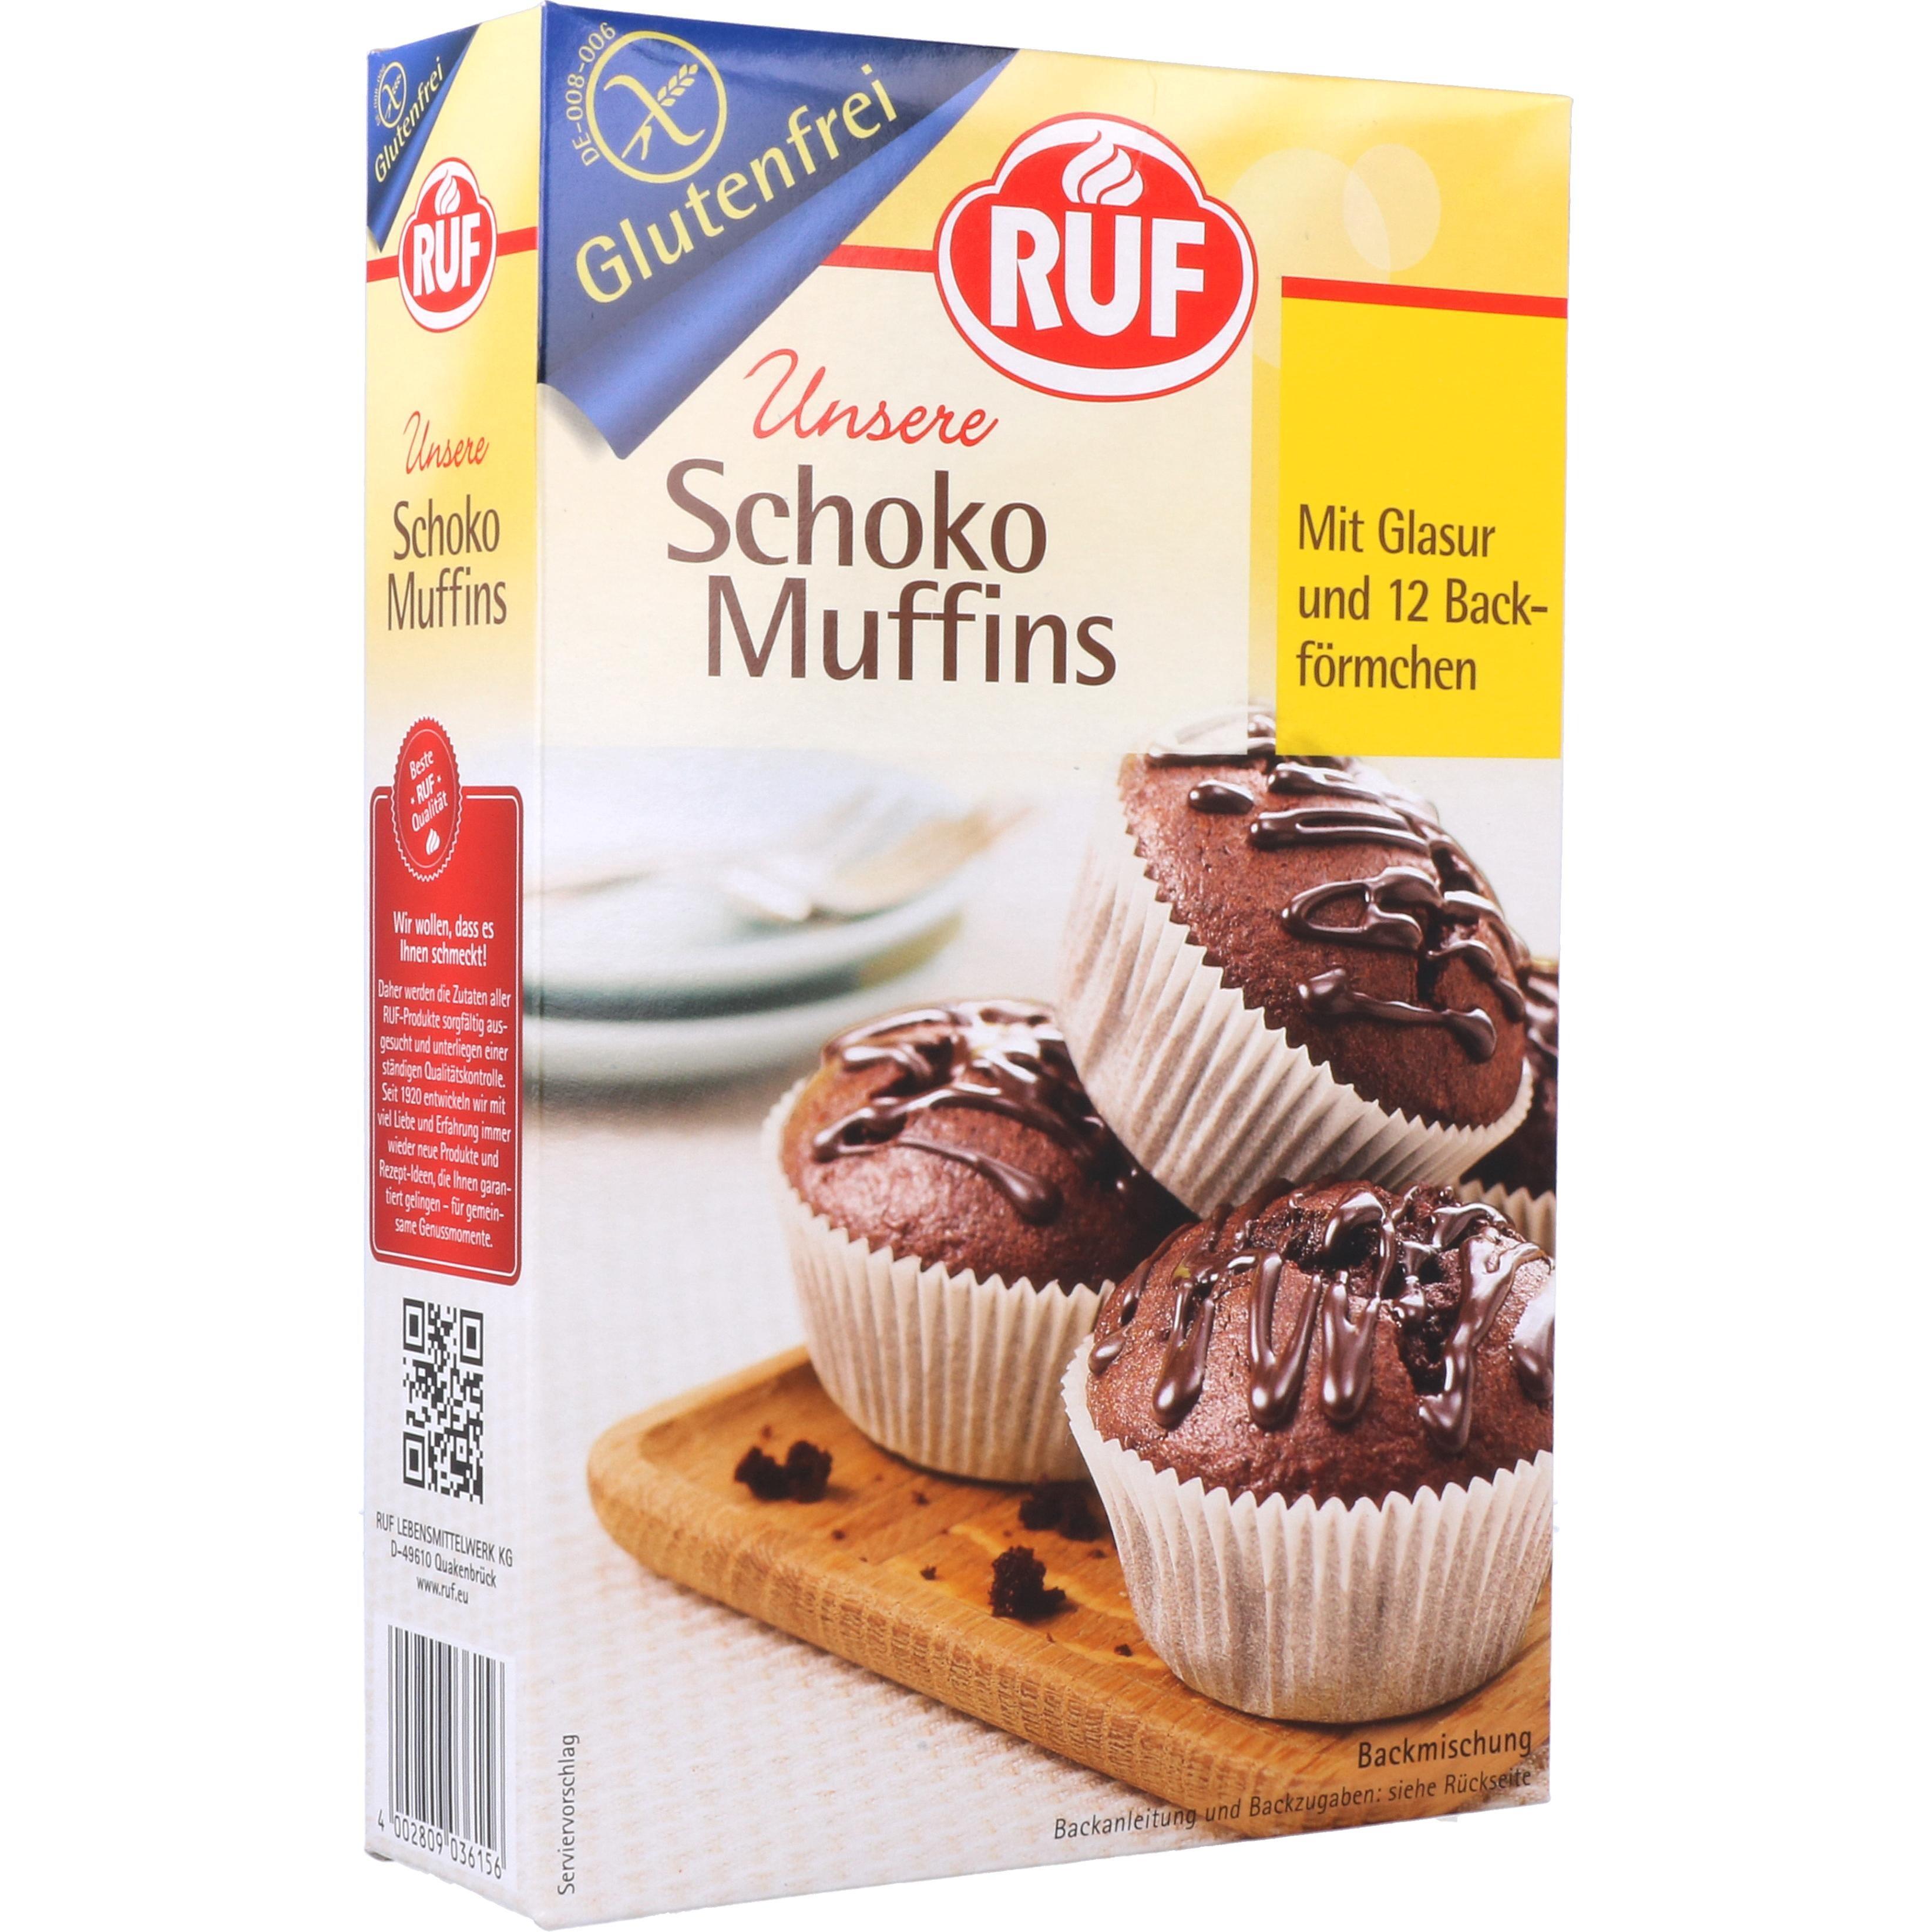 Ruf Backmischung Schoko Muffins mit Glasur 350g